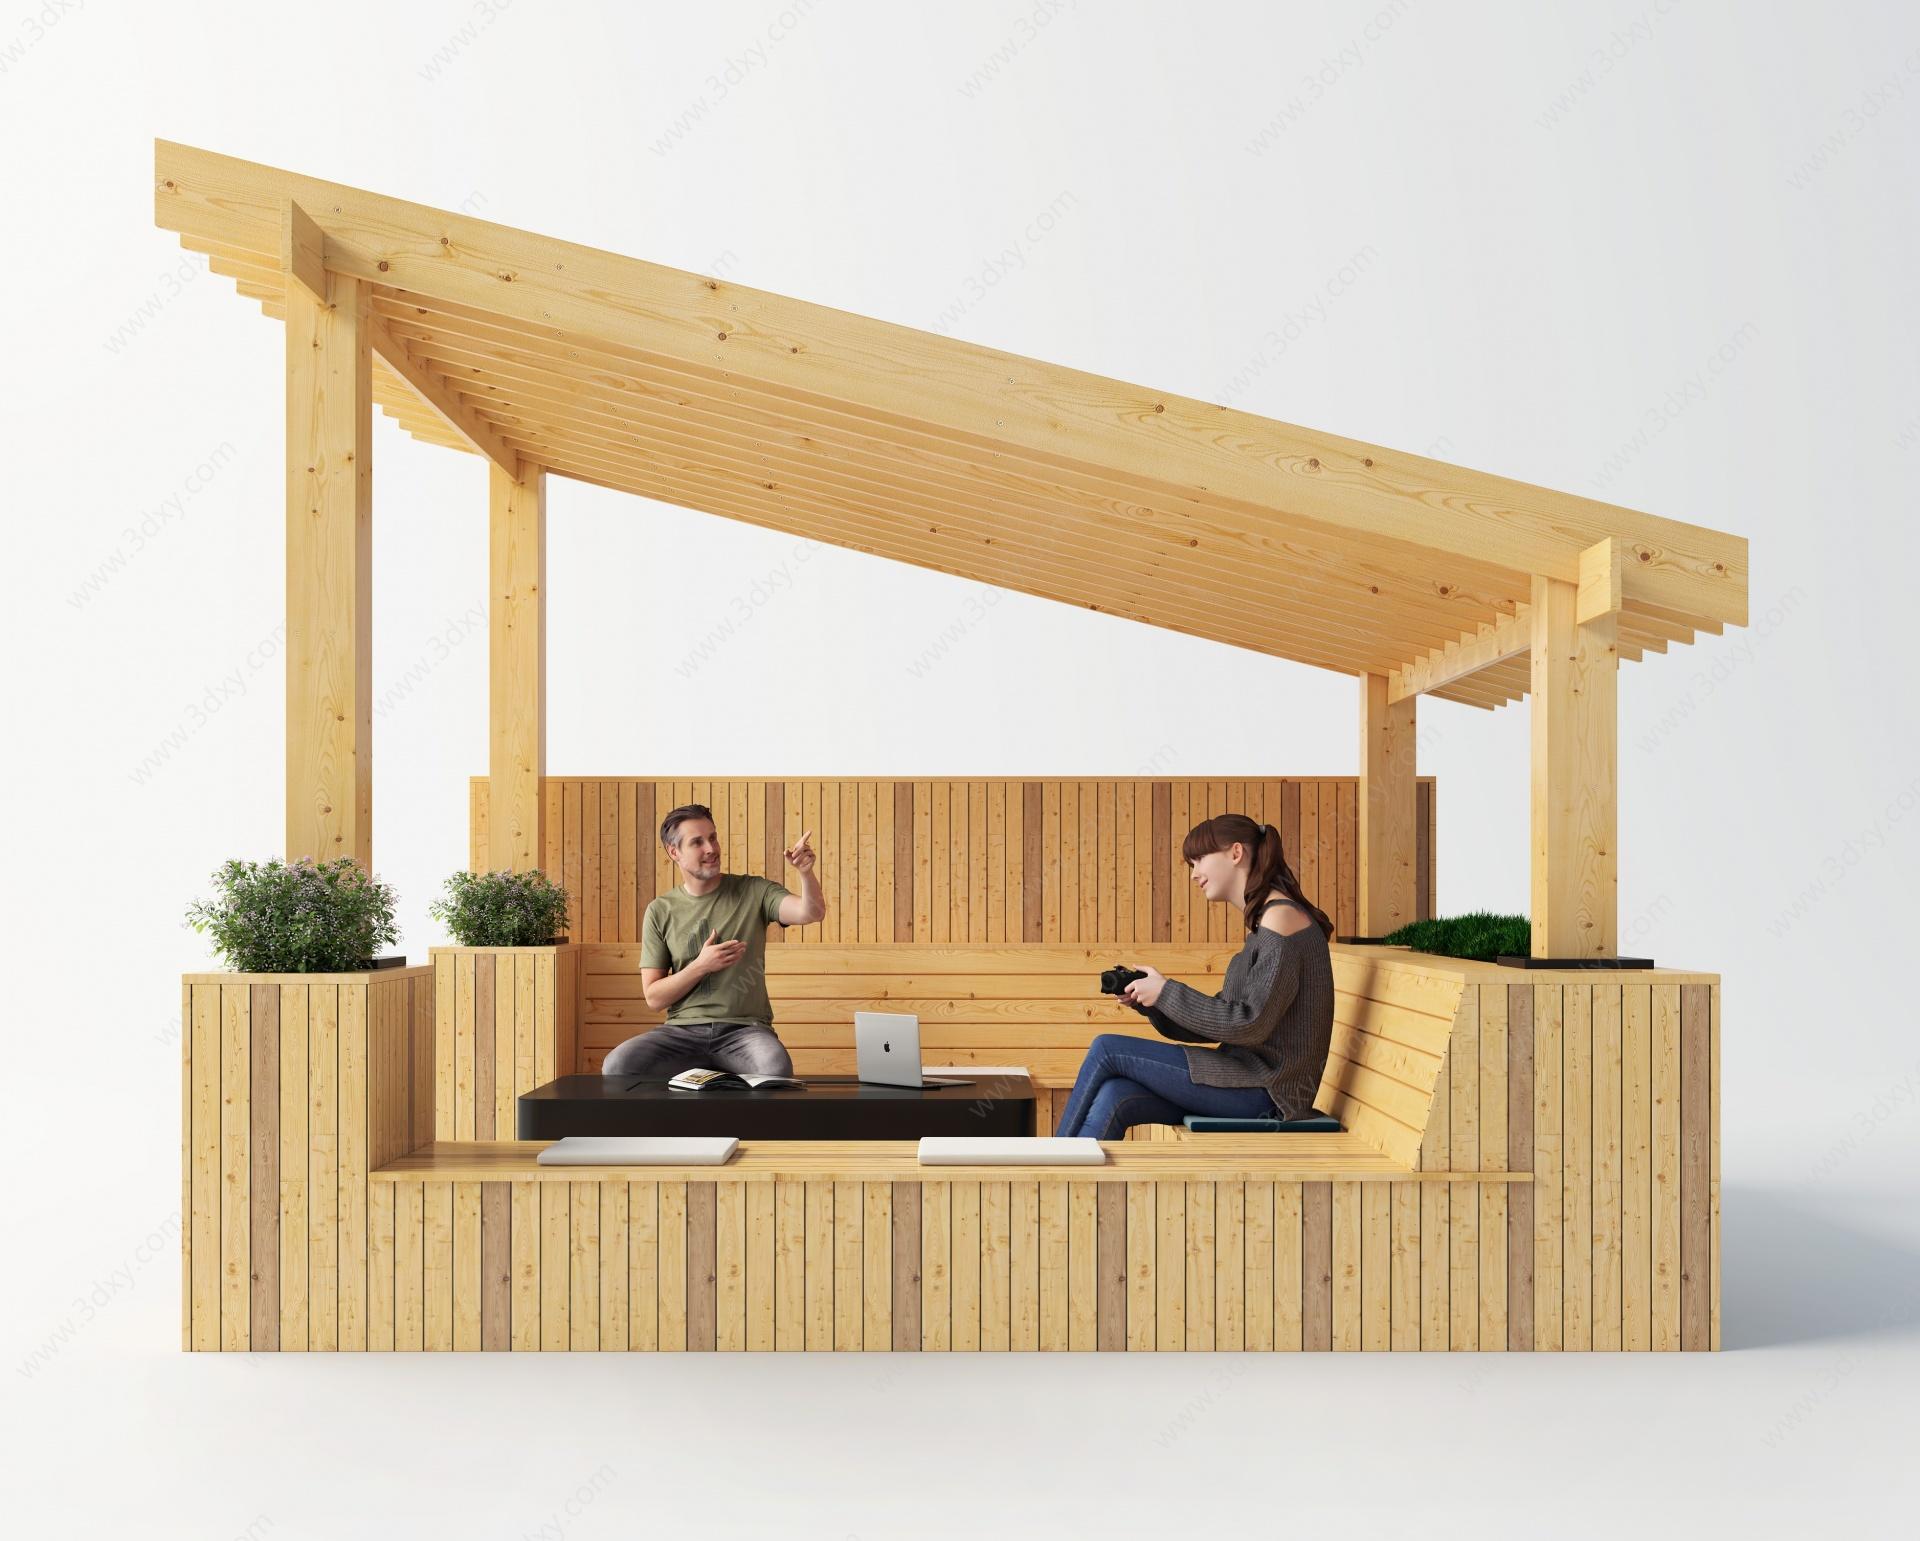 現代室內外亭子3D模型